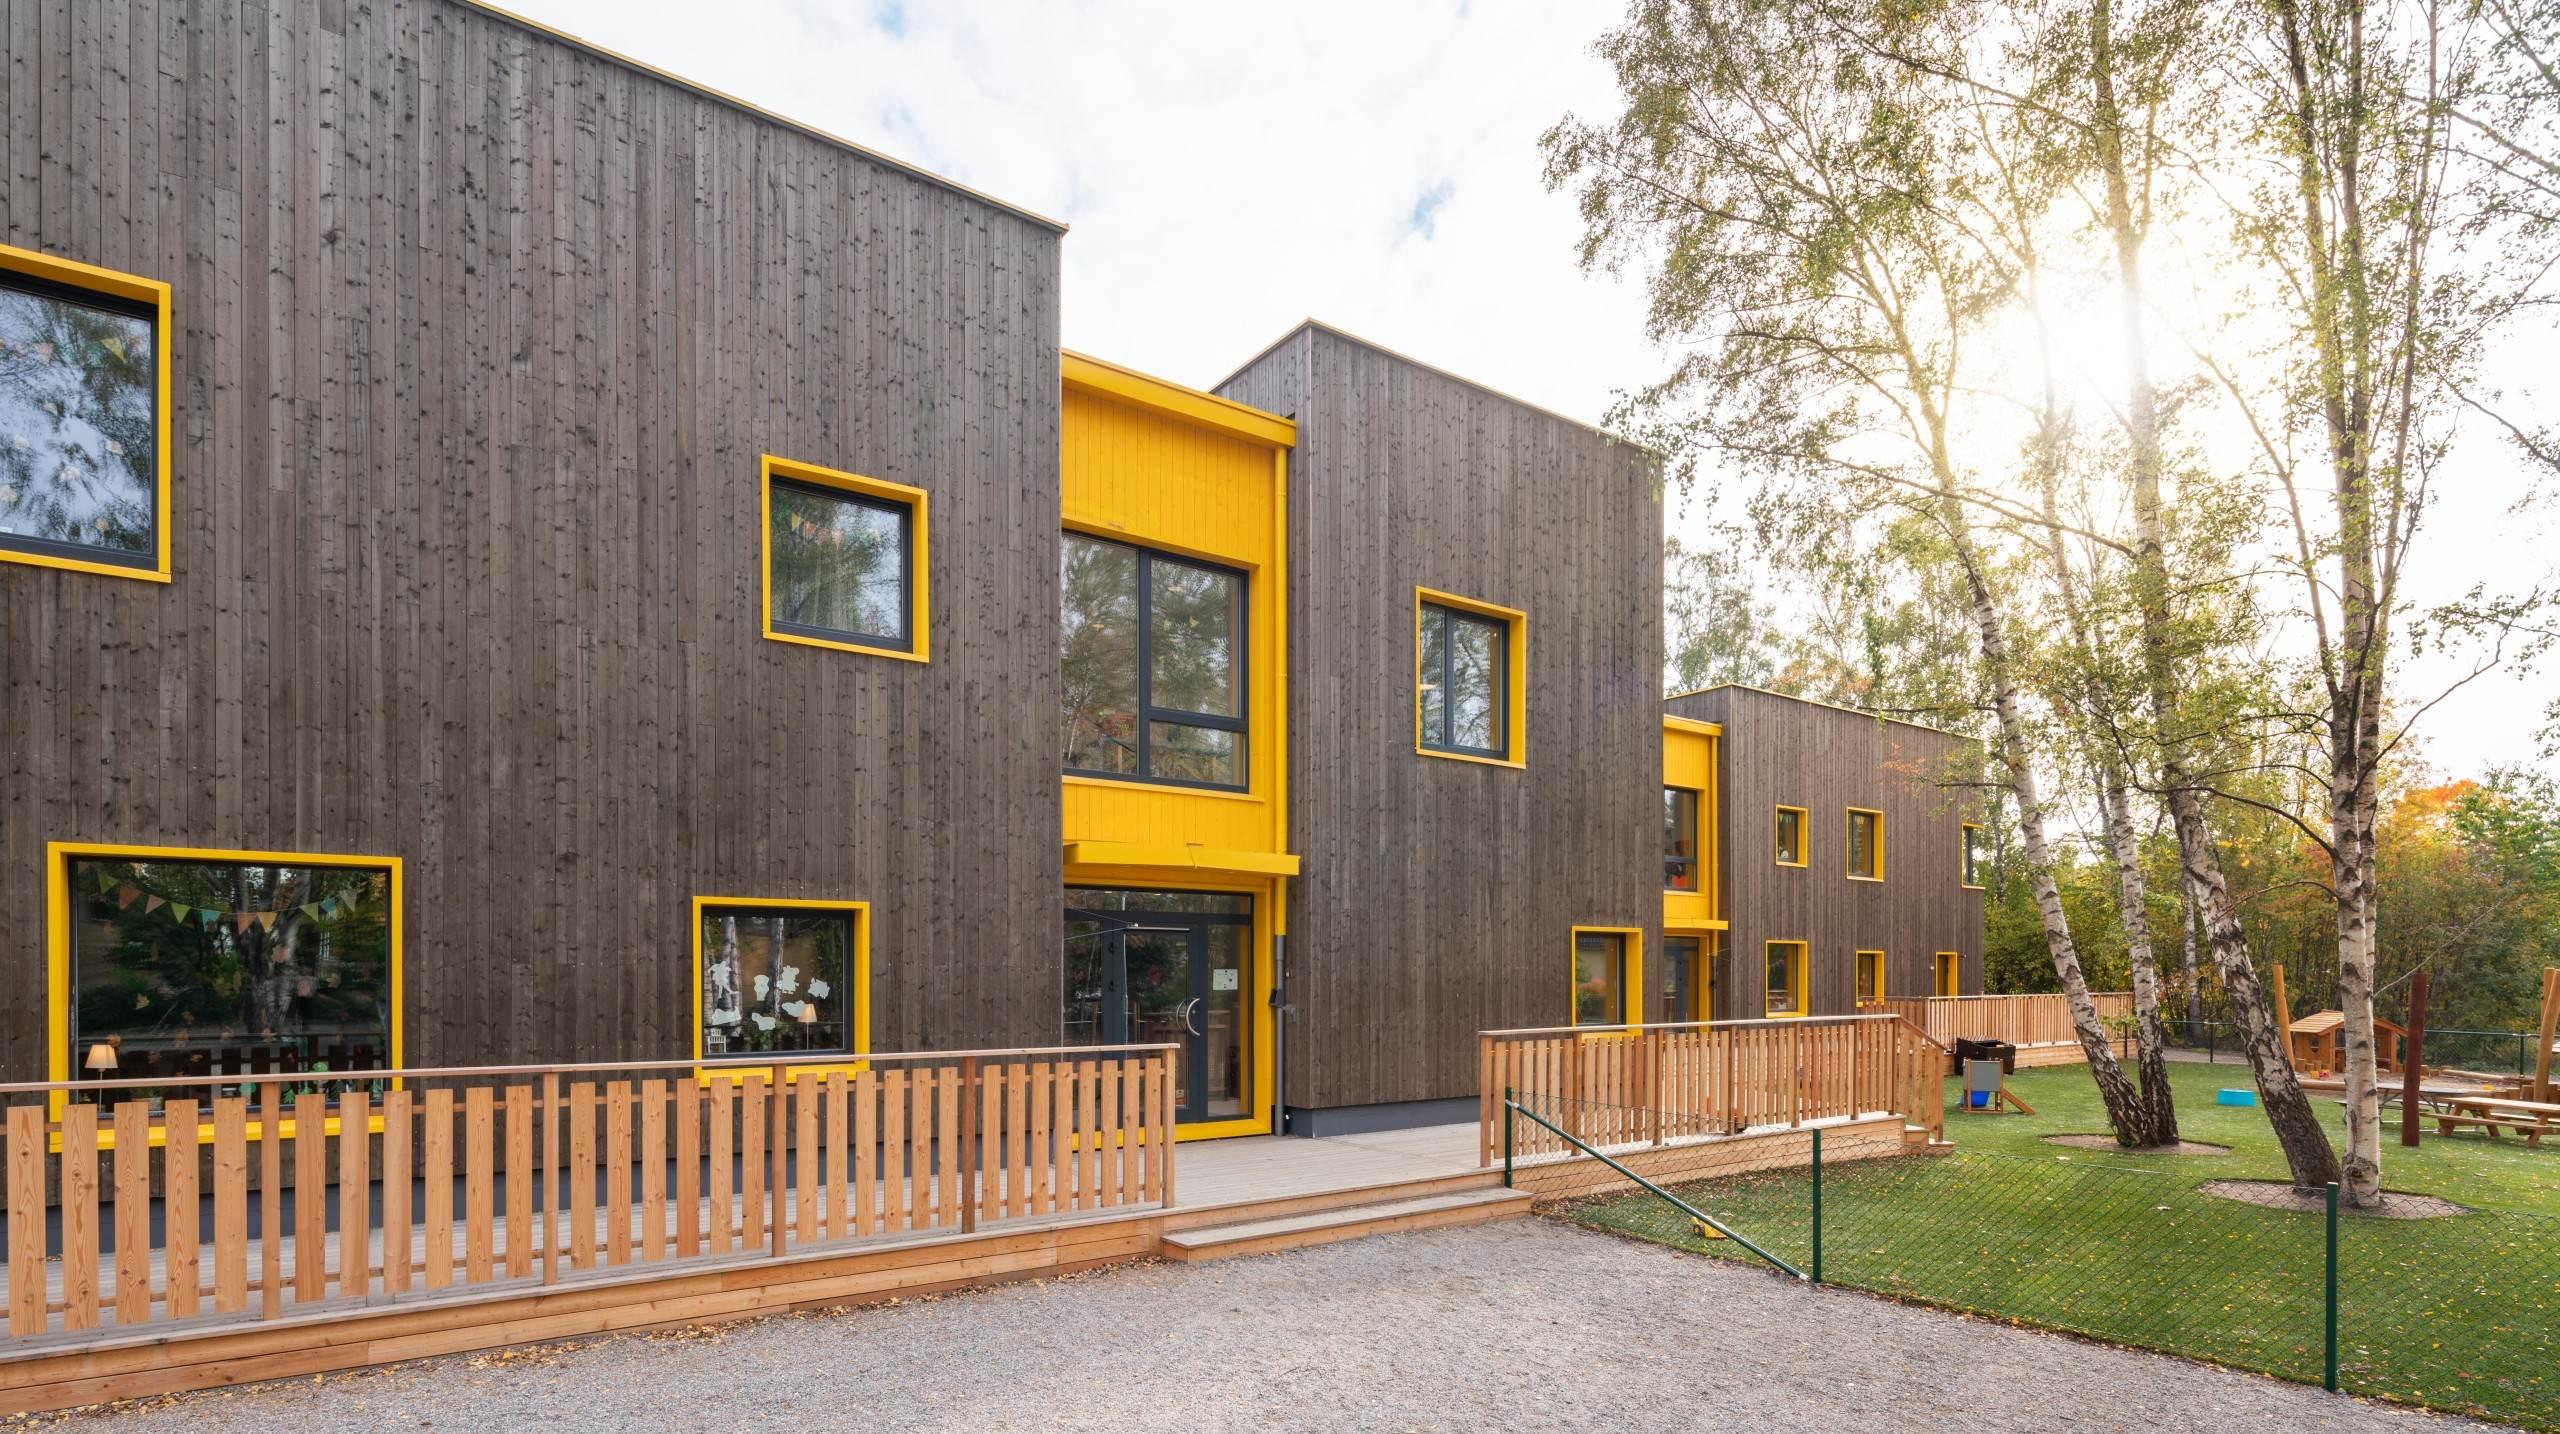 Förskolan Solängen, fotograferat av arkitekturfotograf Mattias Hamrén.